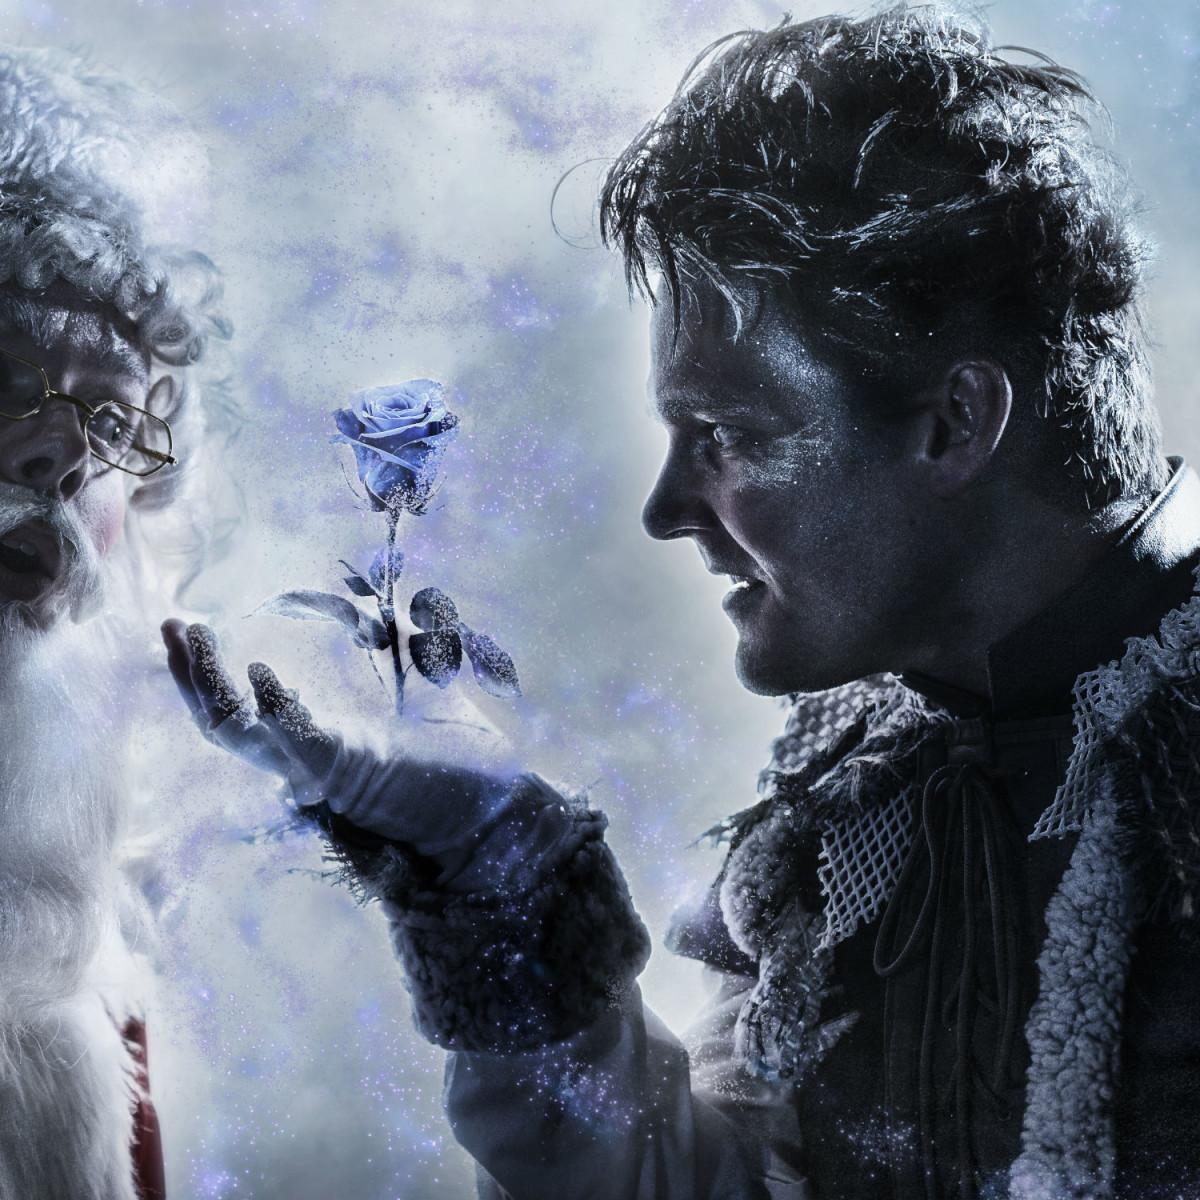 Casa Mañana presents Jack Frost